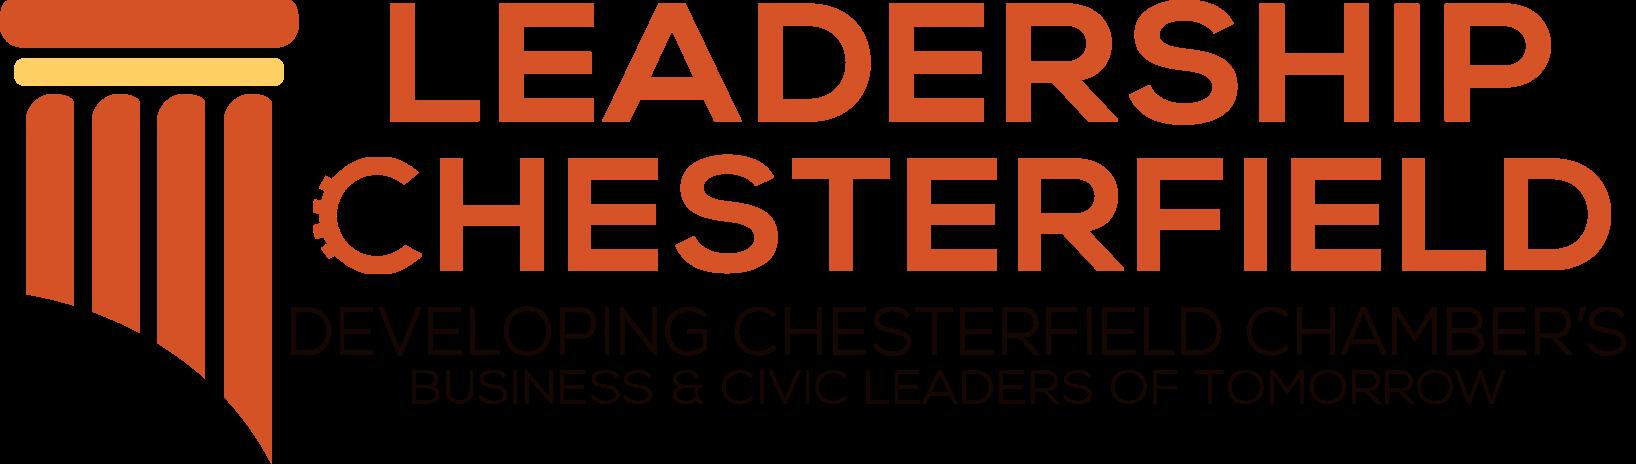 News for Chamber - Chesterfield Chamber of Commerce, VA